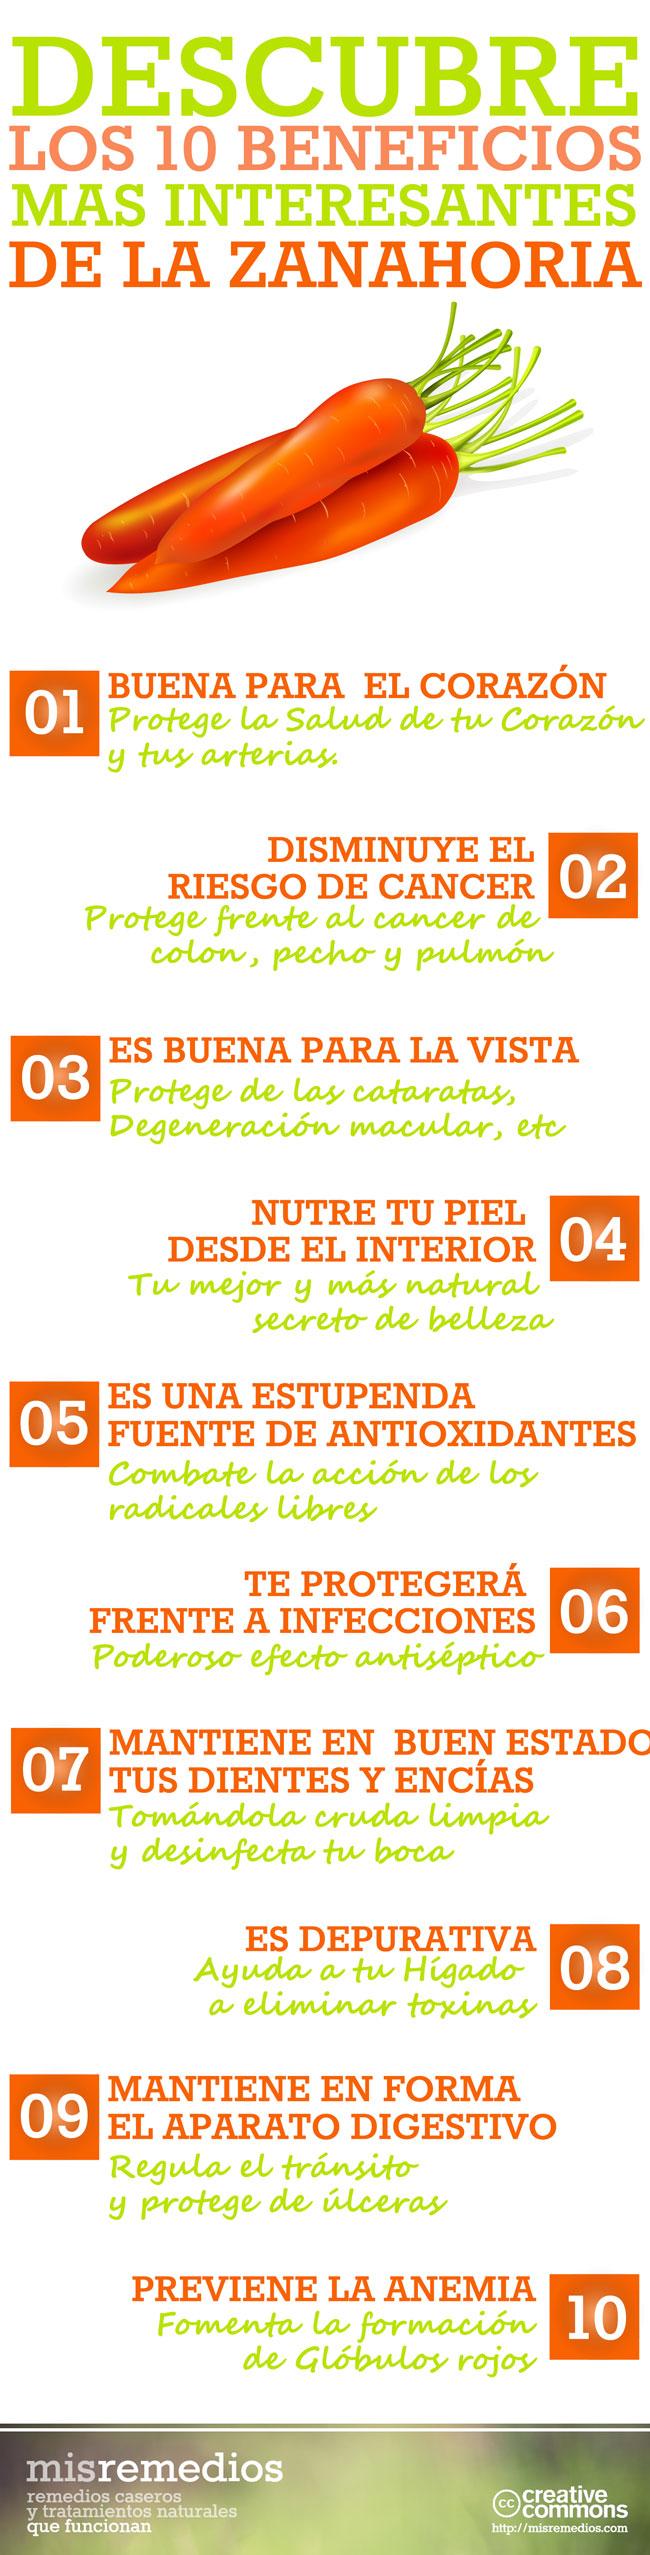 infografia-zanahoria-blog2